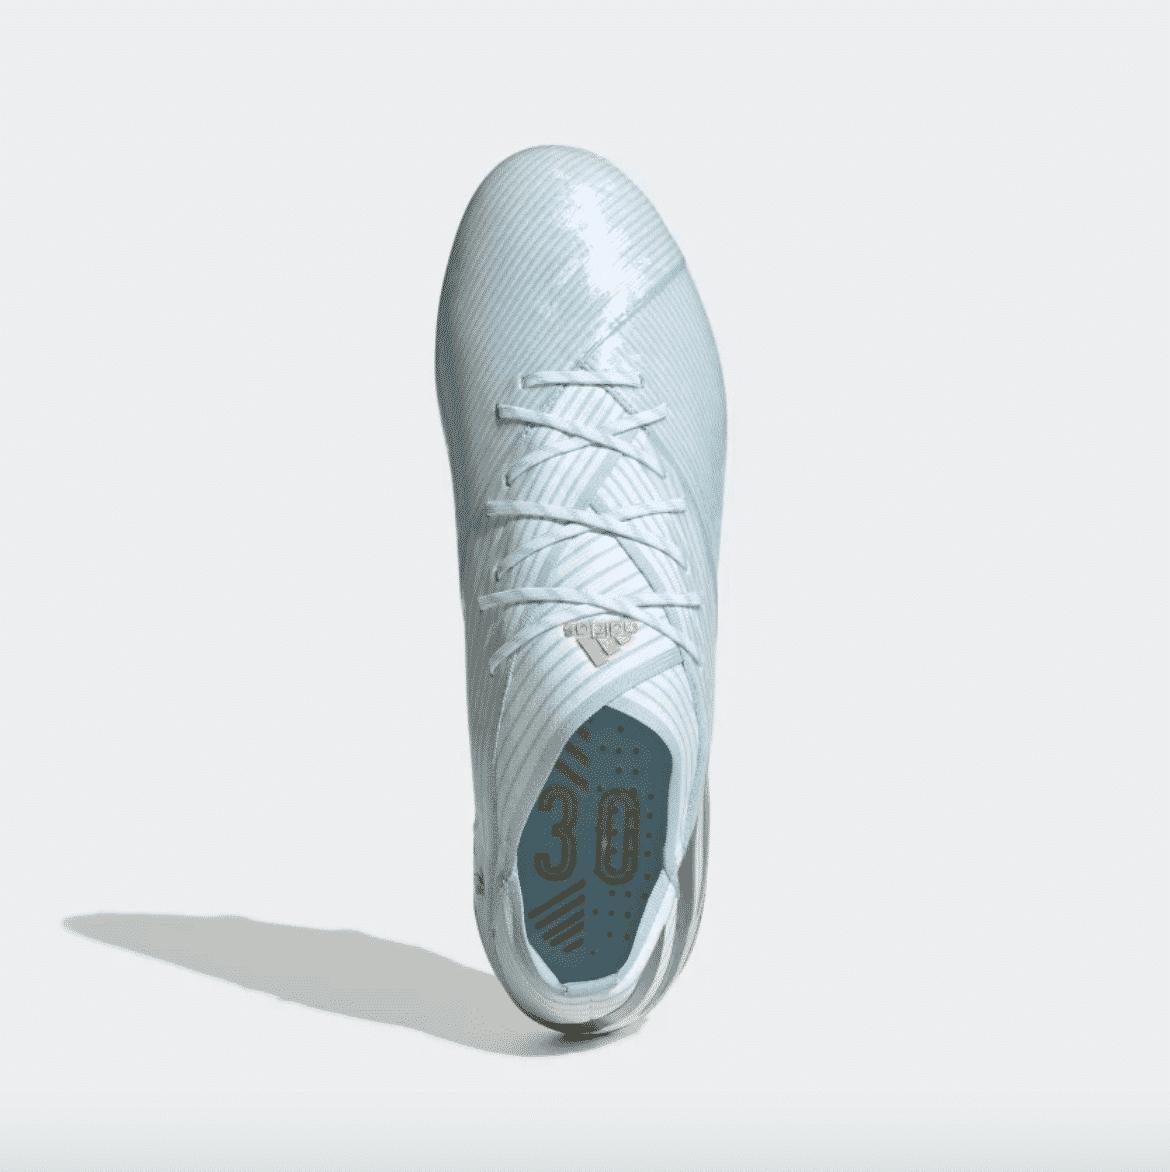 adidas-nemeziz-19.1-15-ans-de-carriere-lionel-messi-2